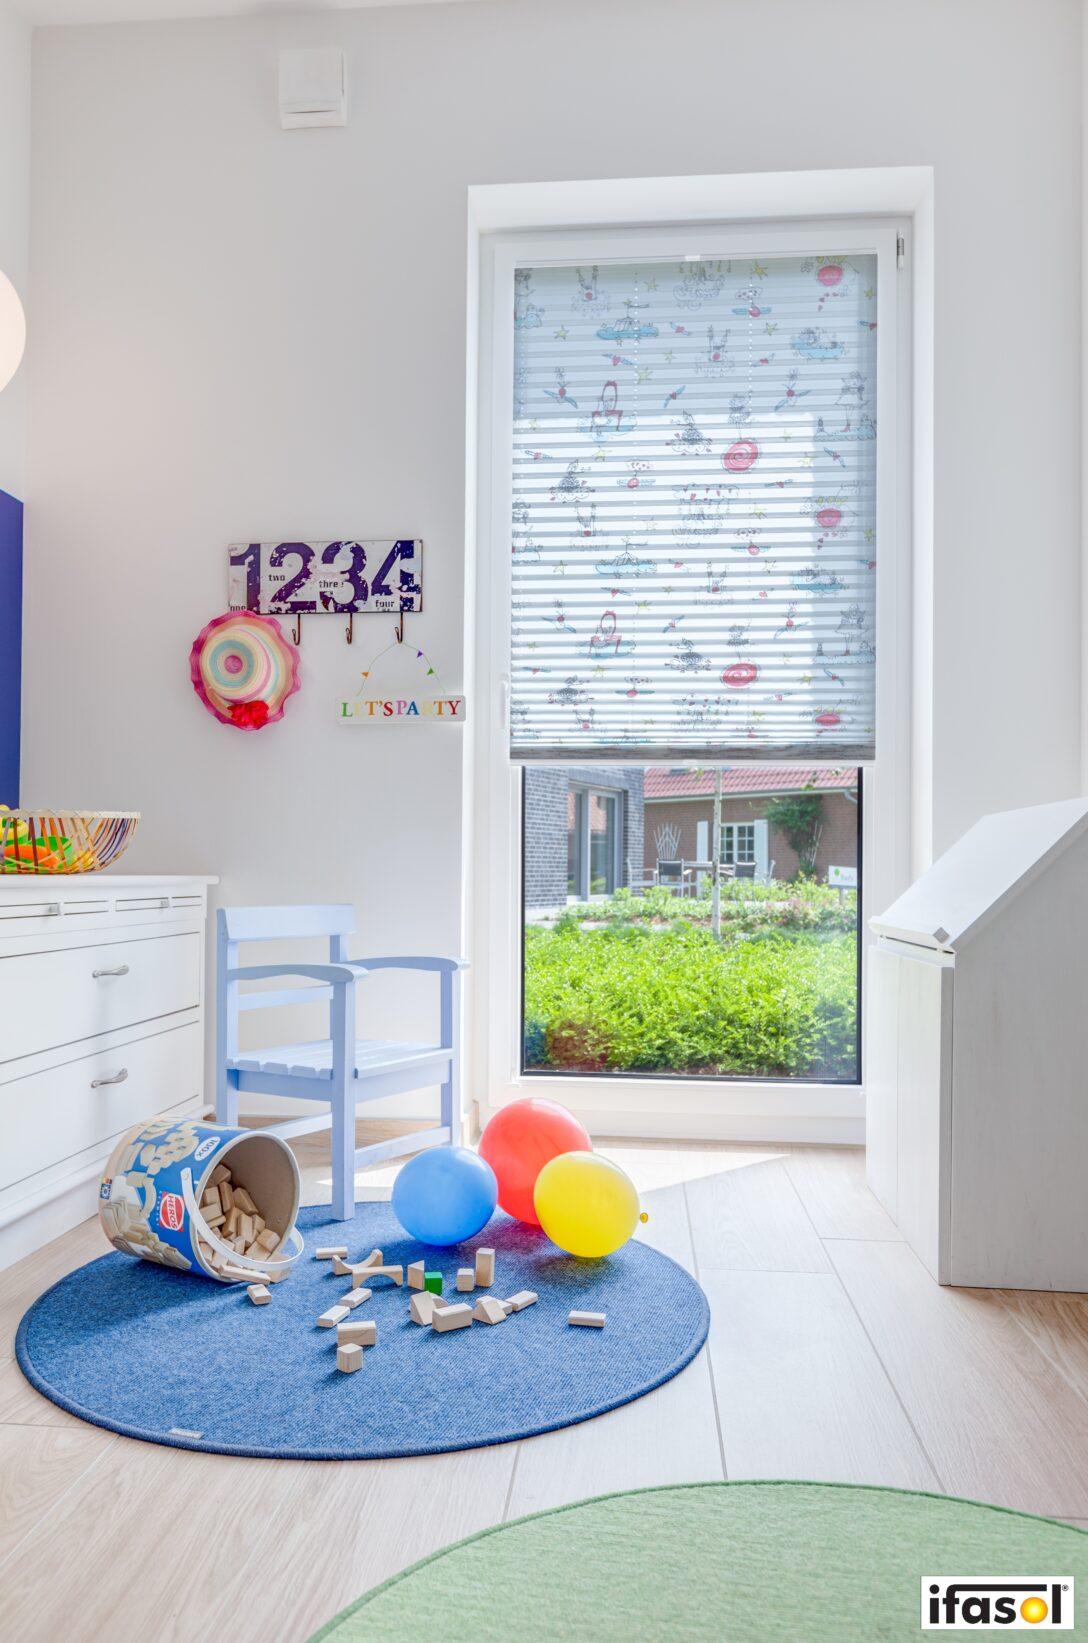 Large Size of Plissee Kinderzimmer Fr Ihr Schlafzimmer Ttl Ttm Regal Sofa Regale Fenster Weiß Kinderzimmer Plissee Kinderzimmer